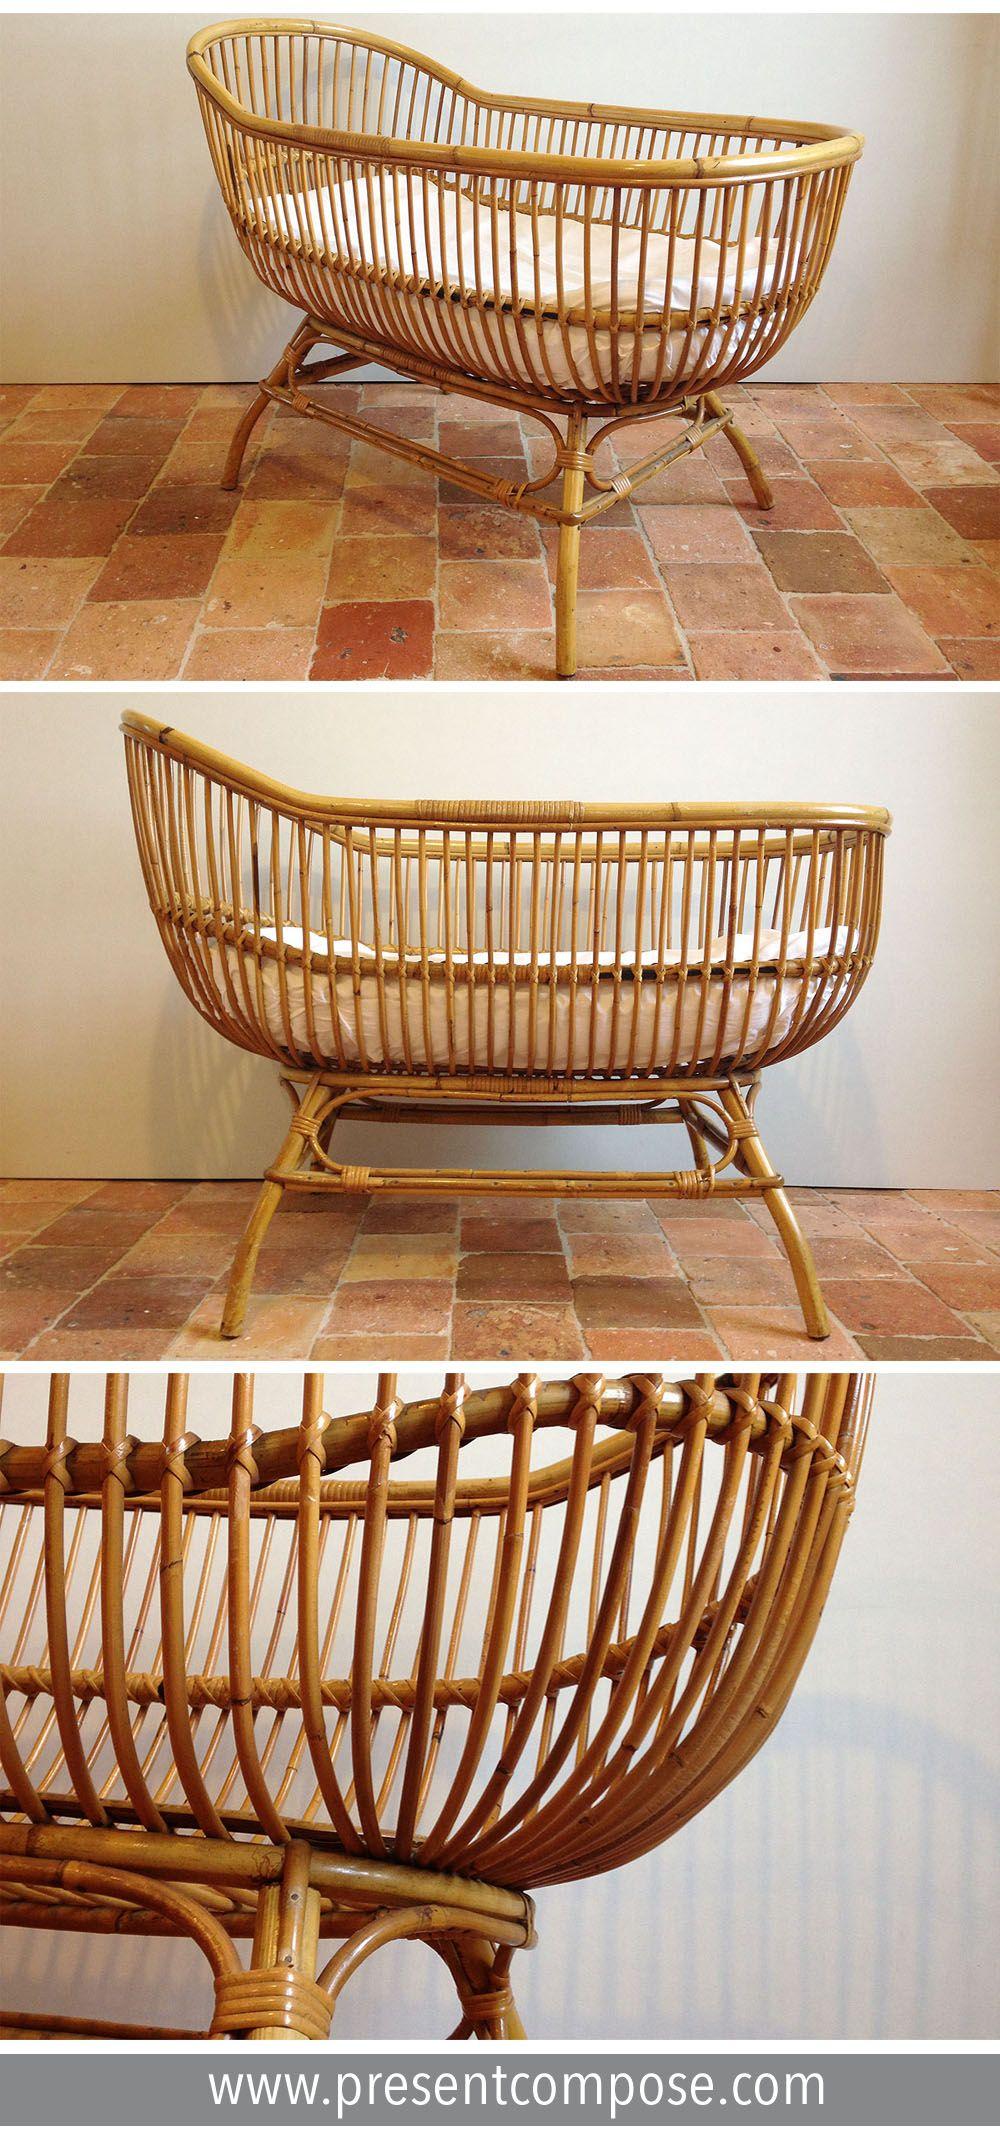 Lit Bebe Corbeille En Rotin Excellent Etat Present Compose Decoration Interieure Meuble Vintage Mobilier De Salon